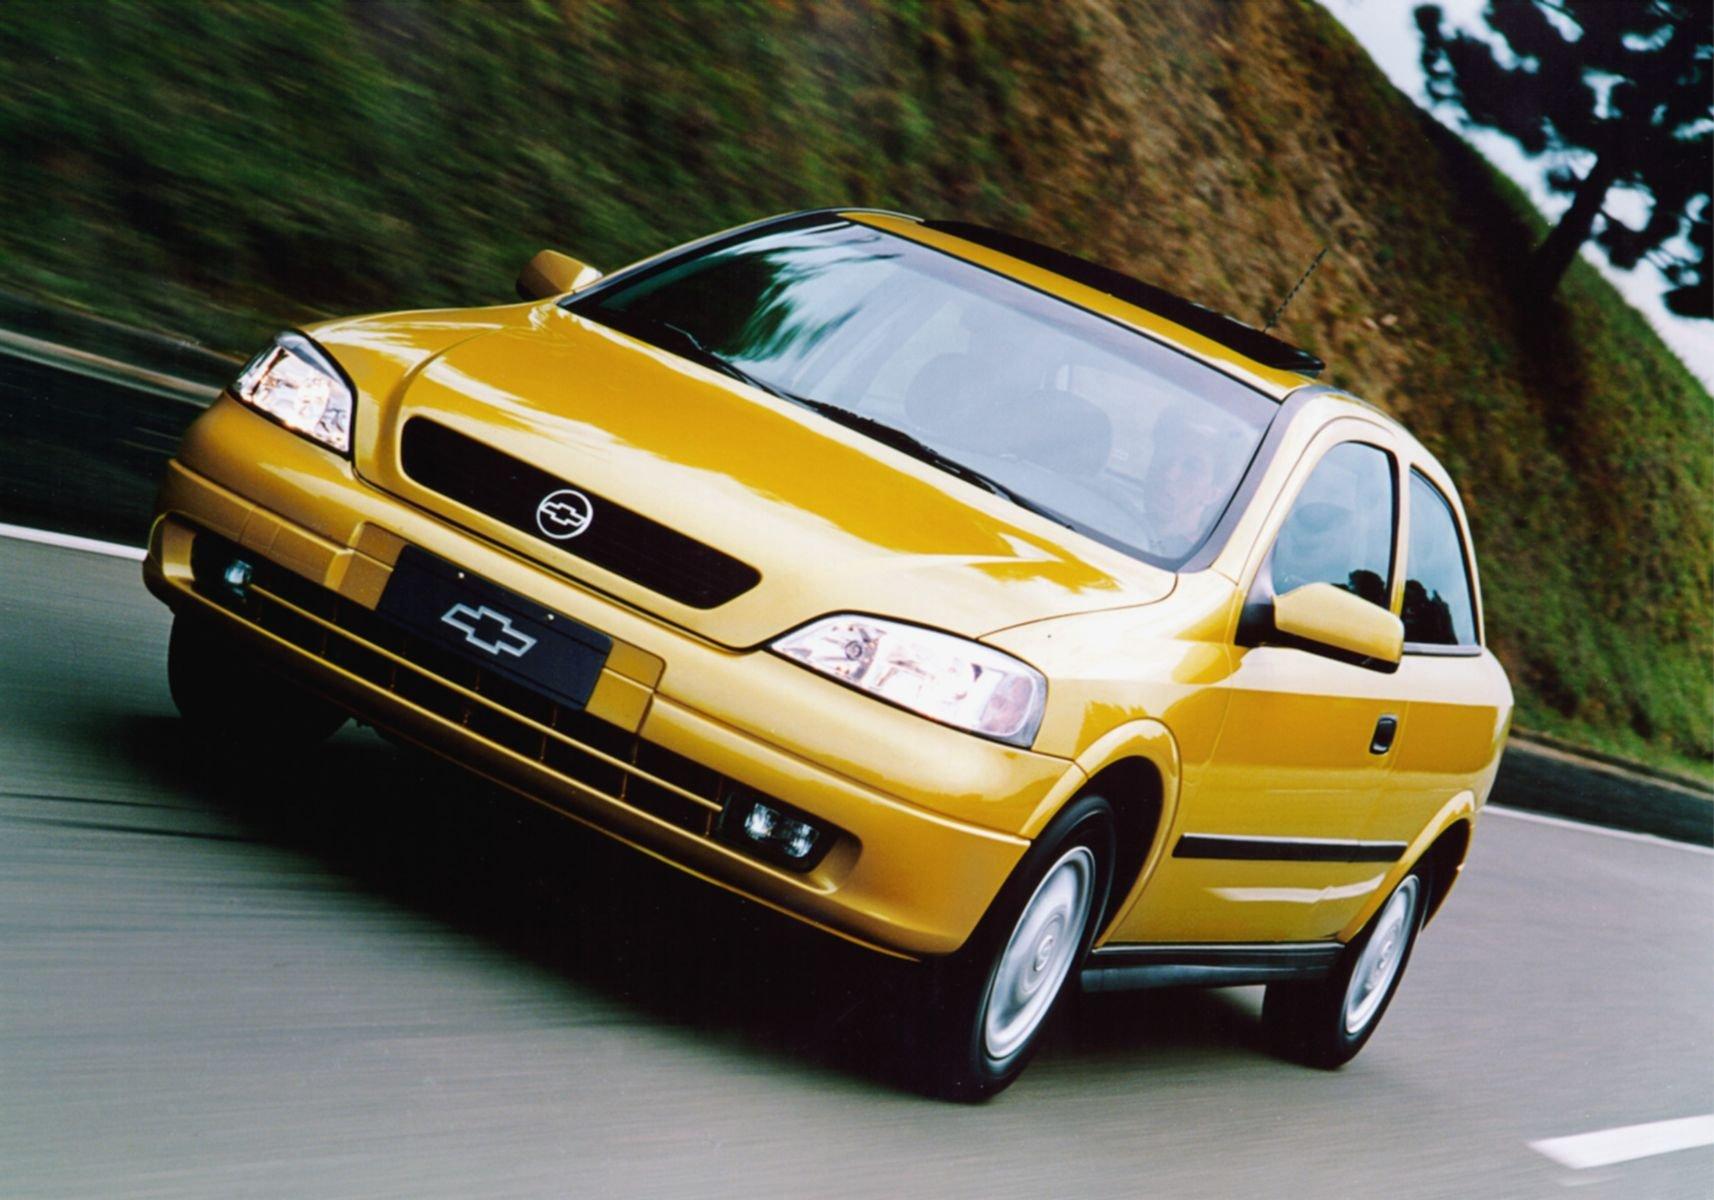 chevrolet astra 1999 amarelo frente em movimento rodovia